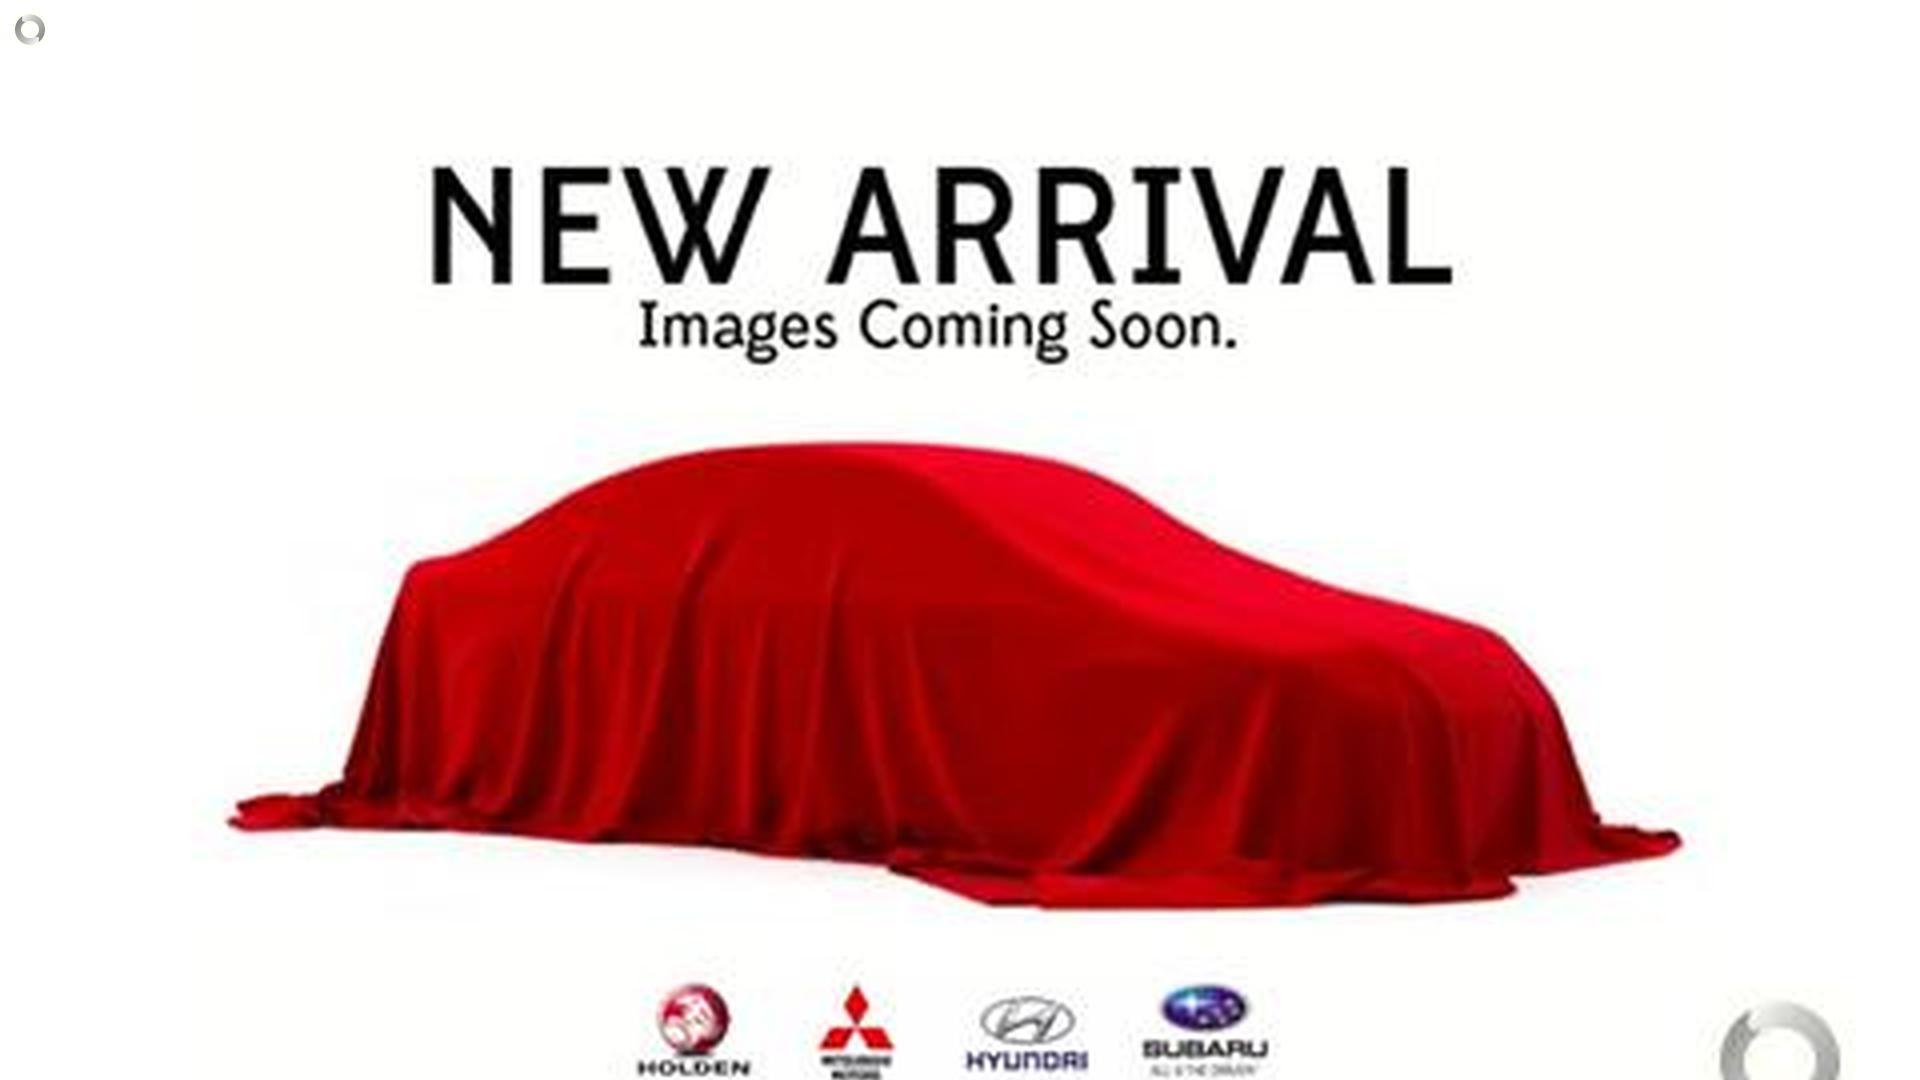 2019 Mitsubishi Pajero NX